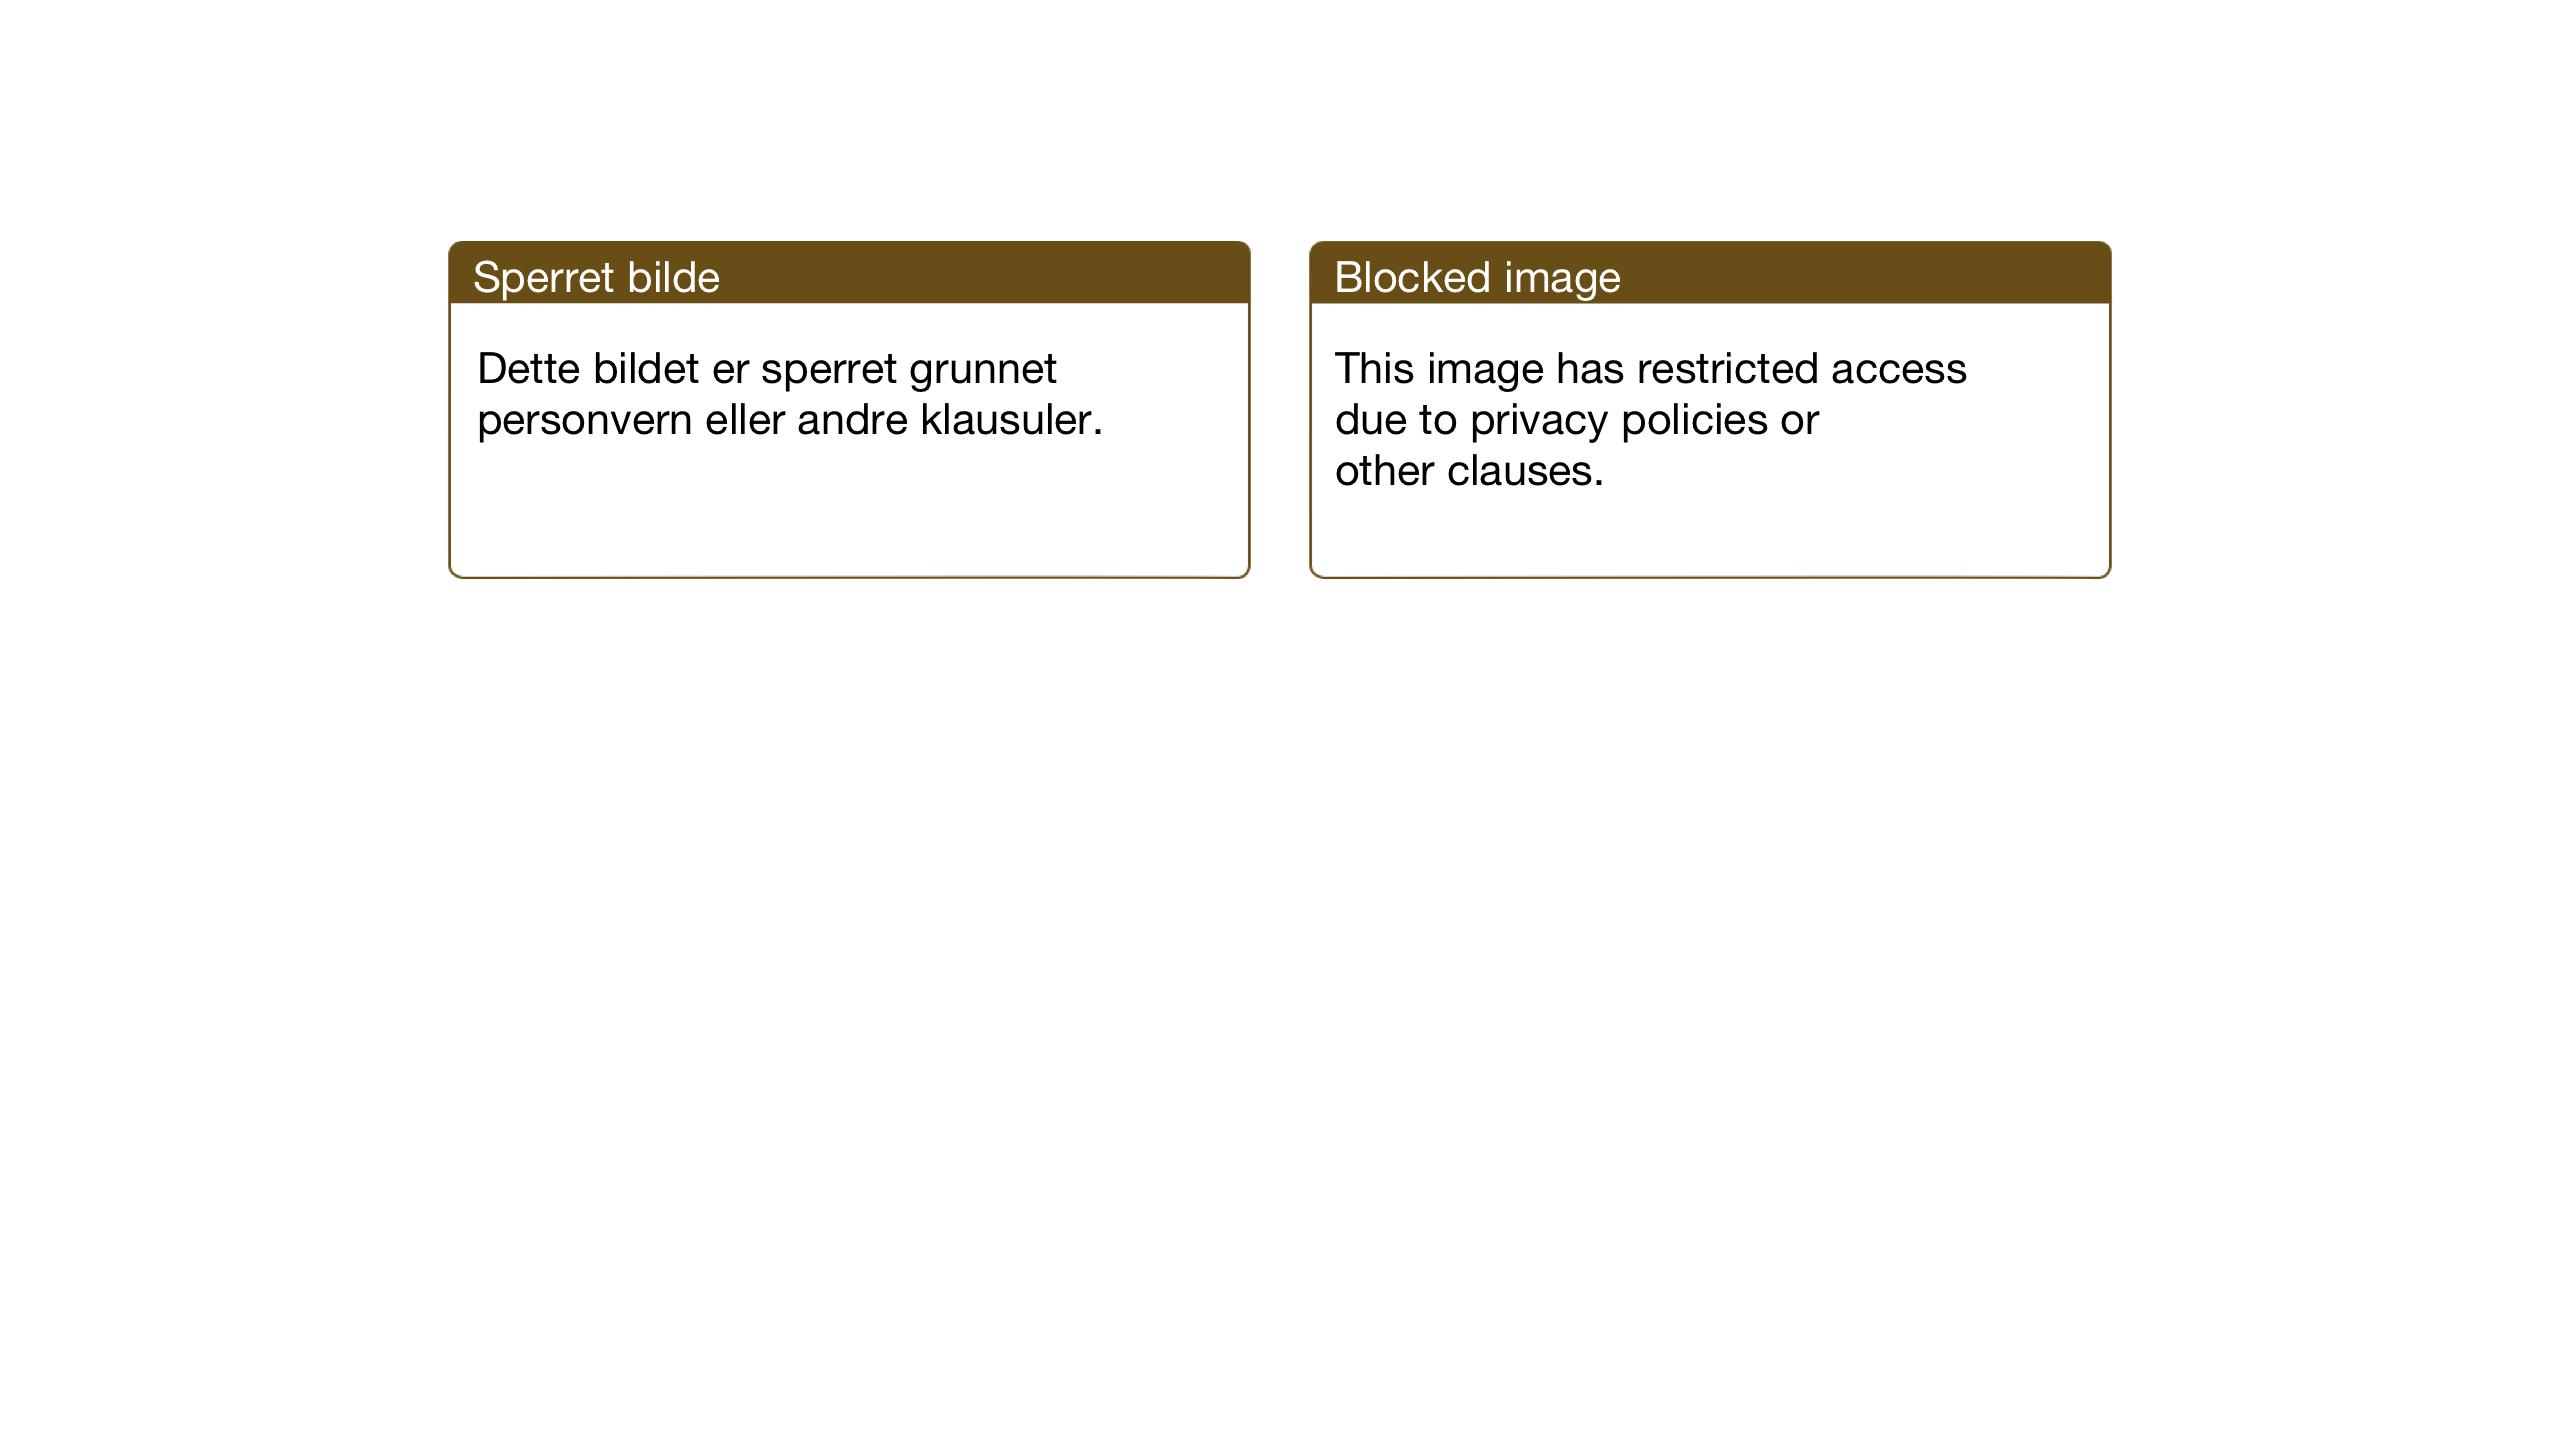 SAT, Ministerialprotokoller, klokkerbøker og fødselsregistre - Sør-Trøndelag, 605/L0264: Klokkerbok nr. 605C11, 1942-1949, s. 23